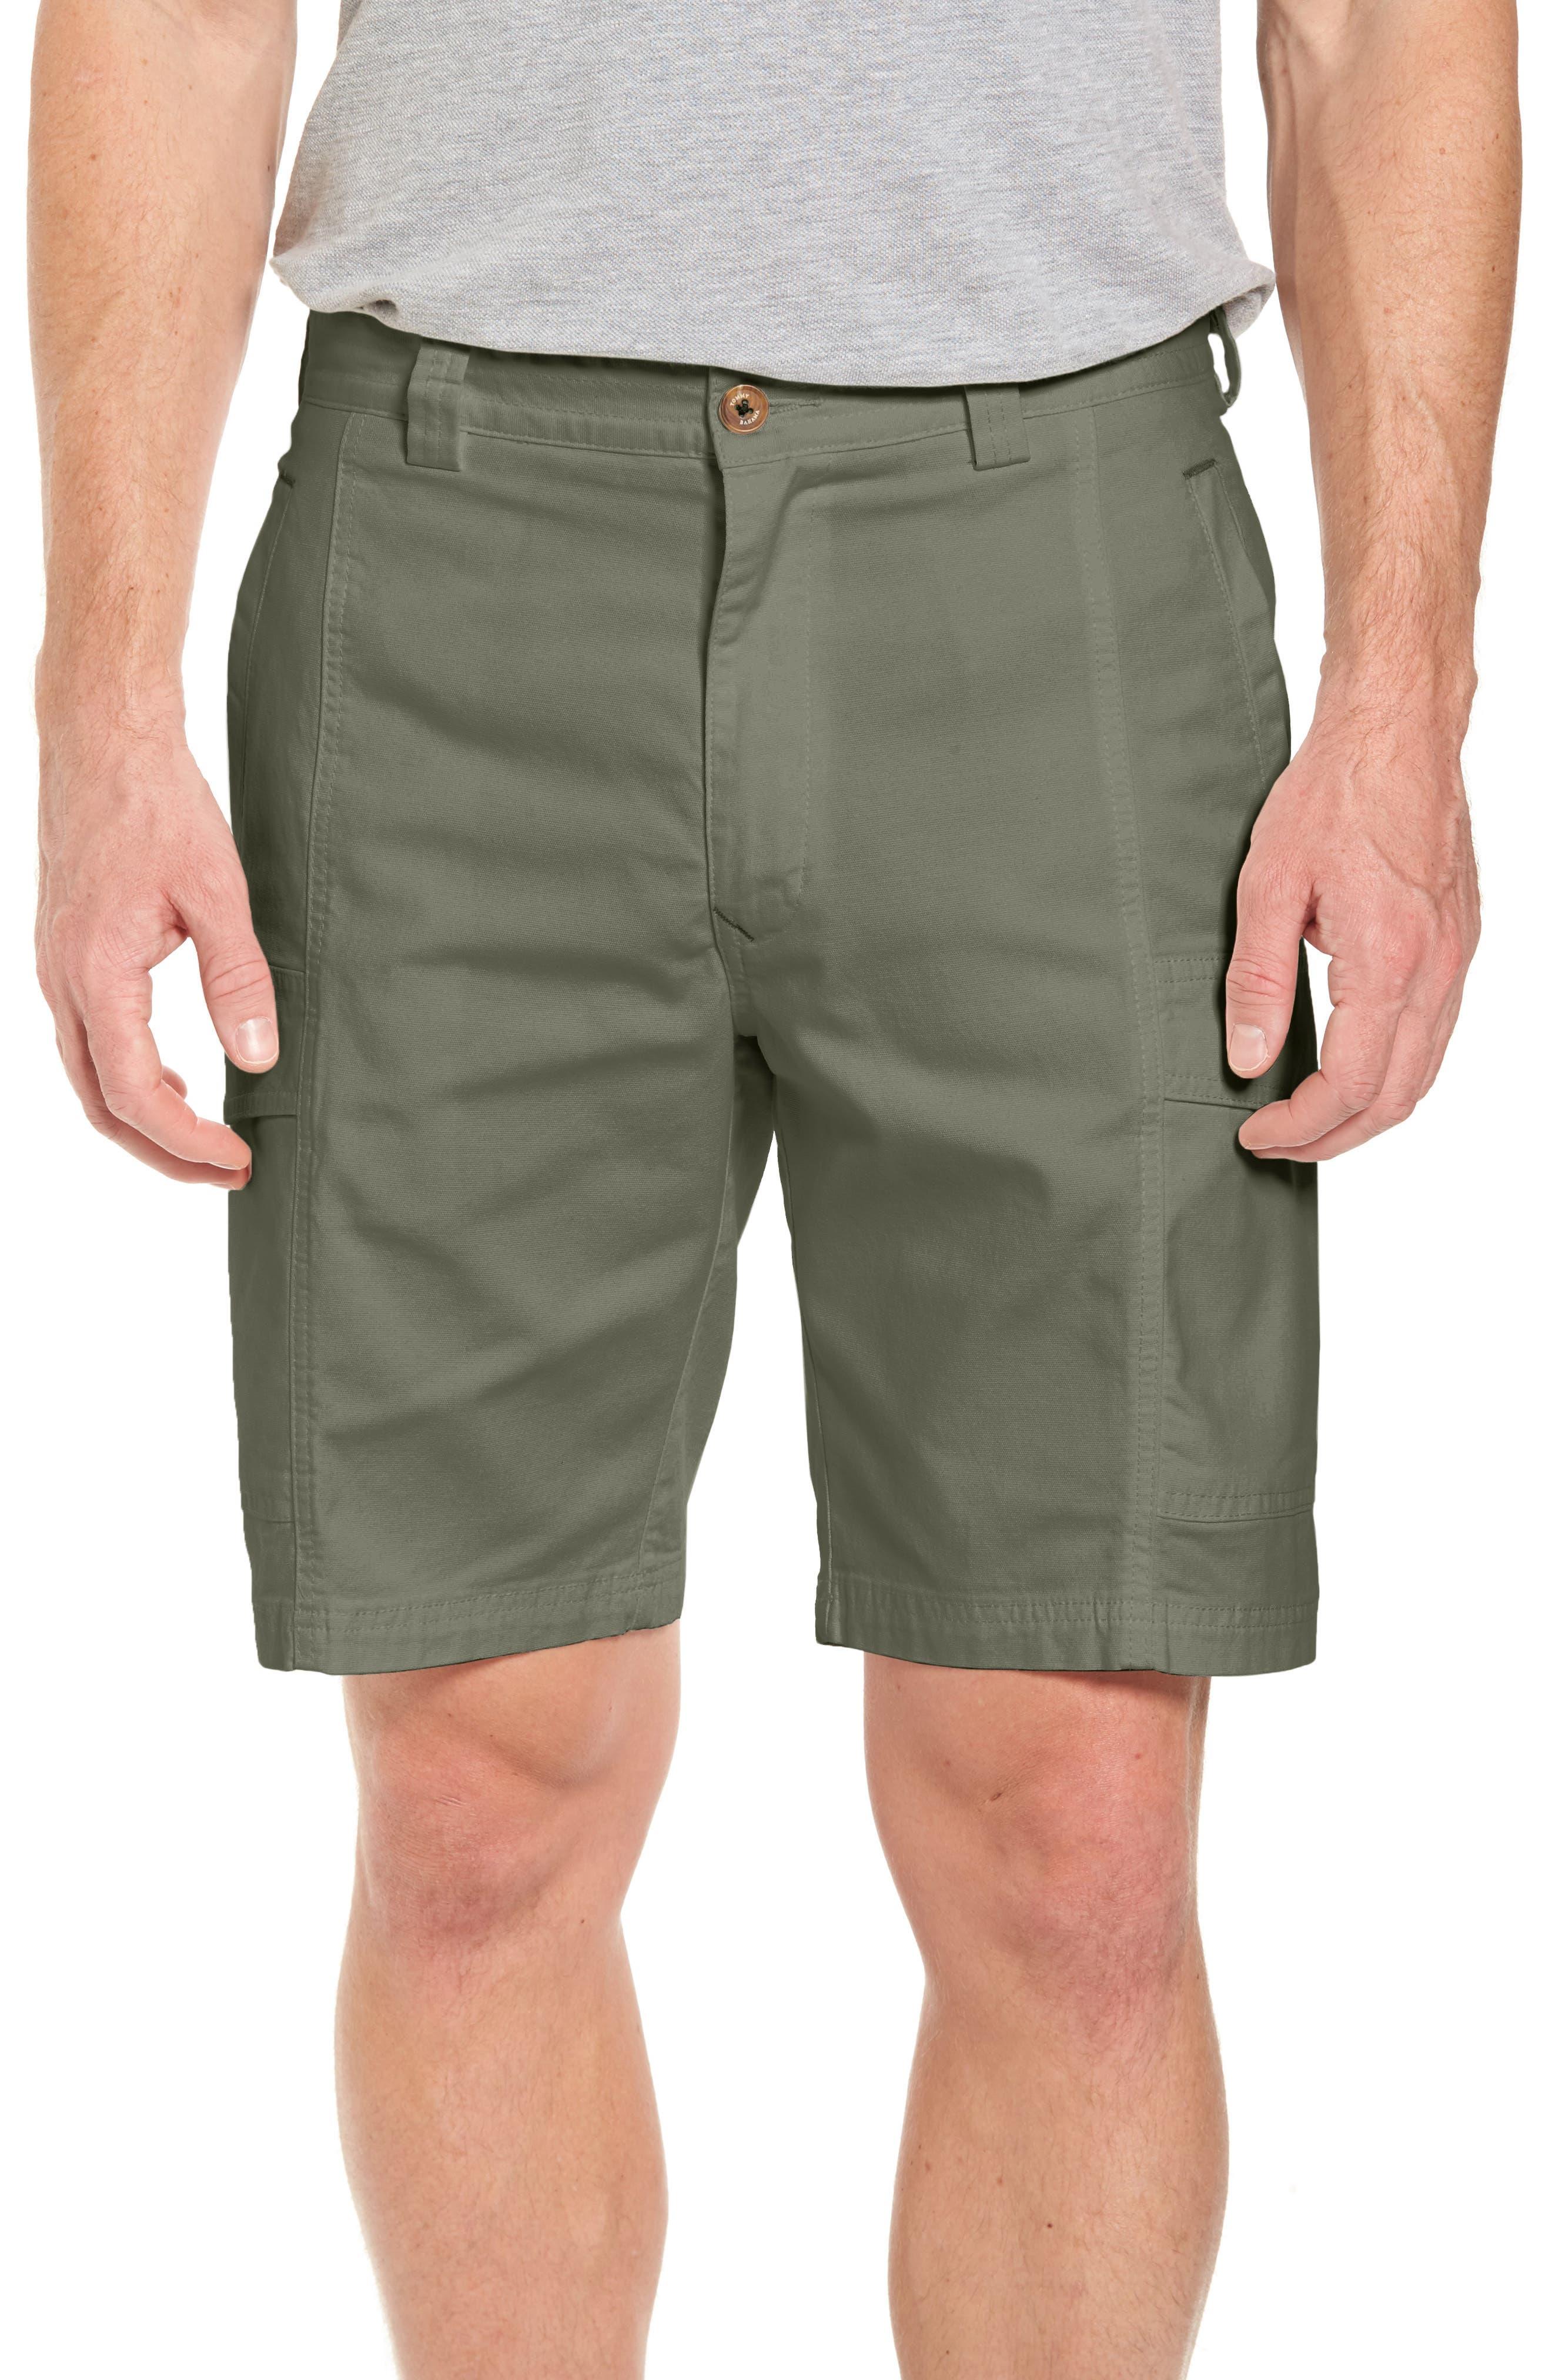 Tommy Bahama Key Isles Cargo Shorts, Green